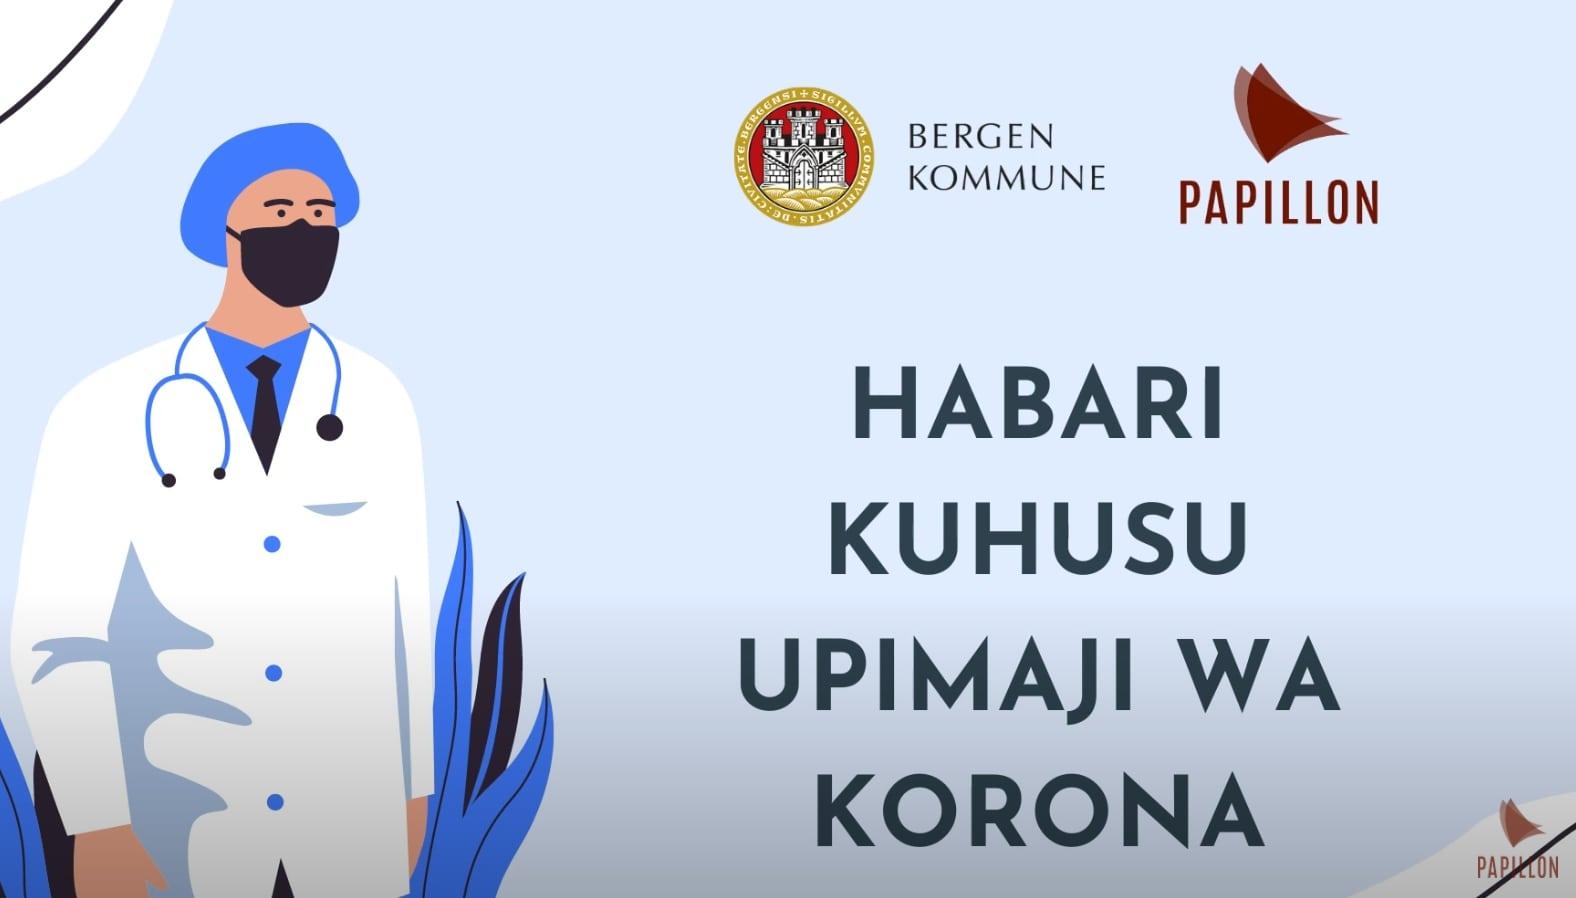 Habari kuhusu upimaji wa Korona (COVID-19 test - Swahili)